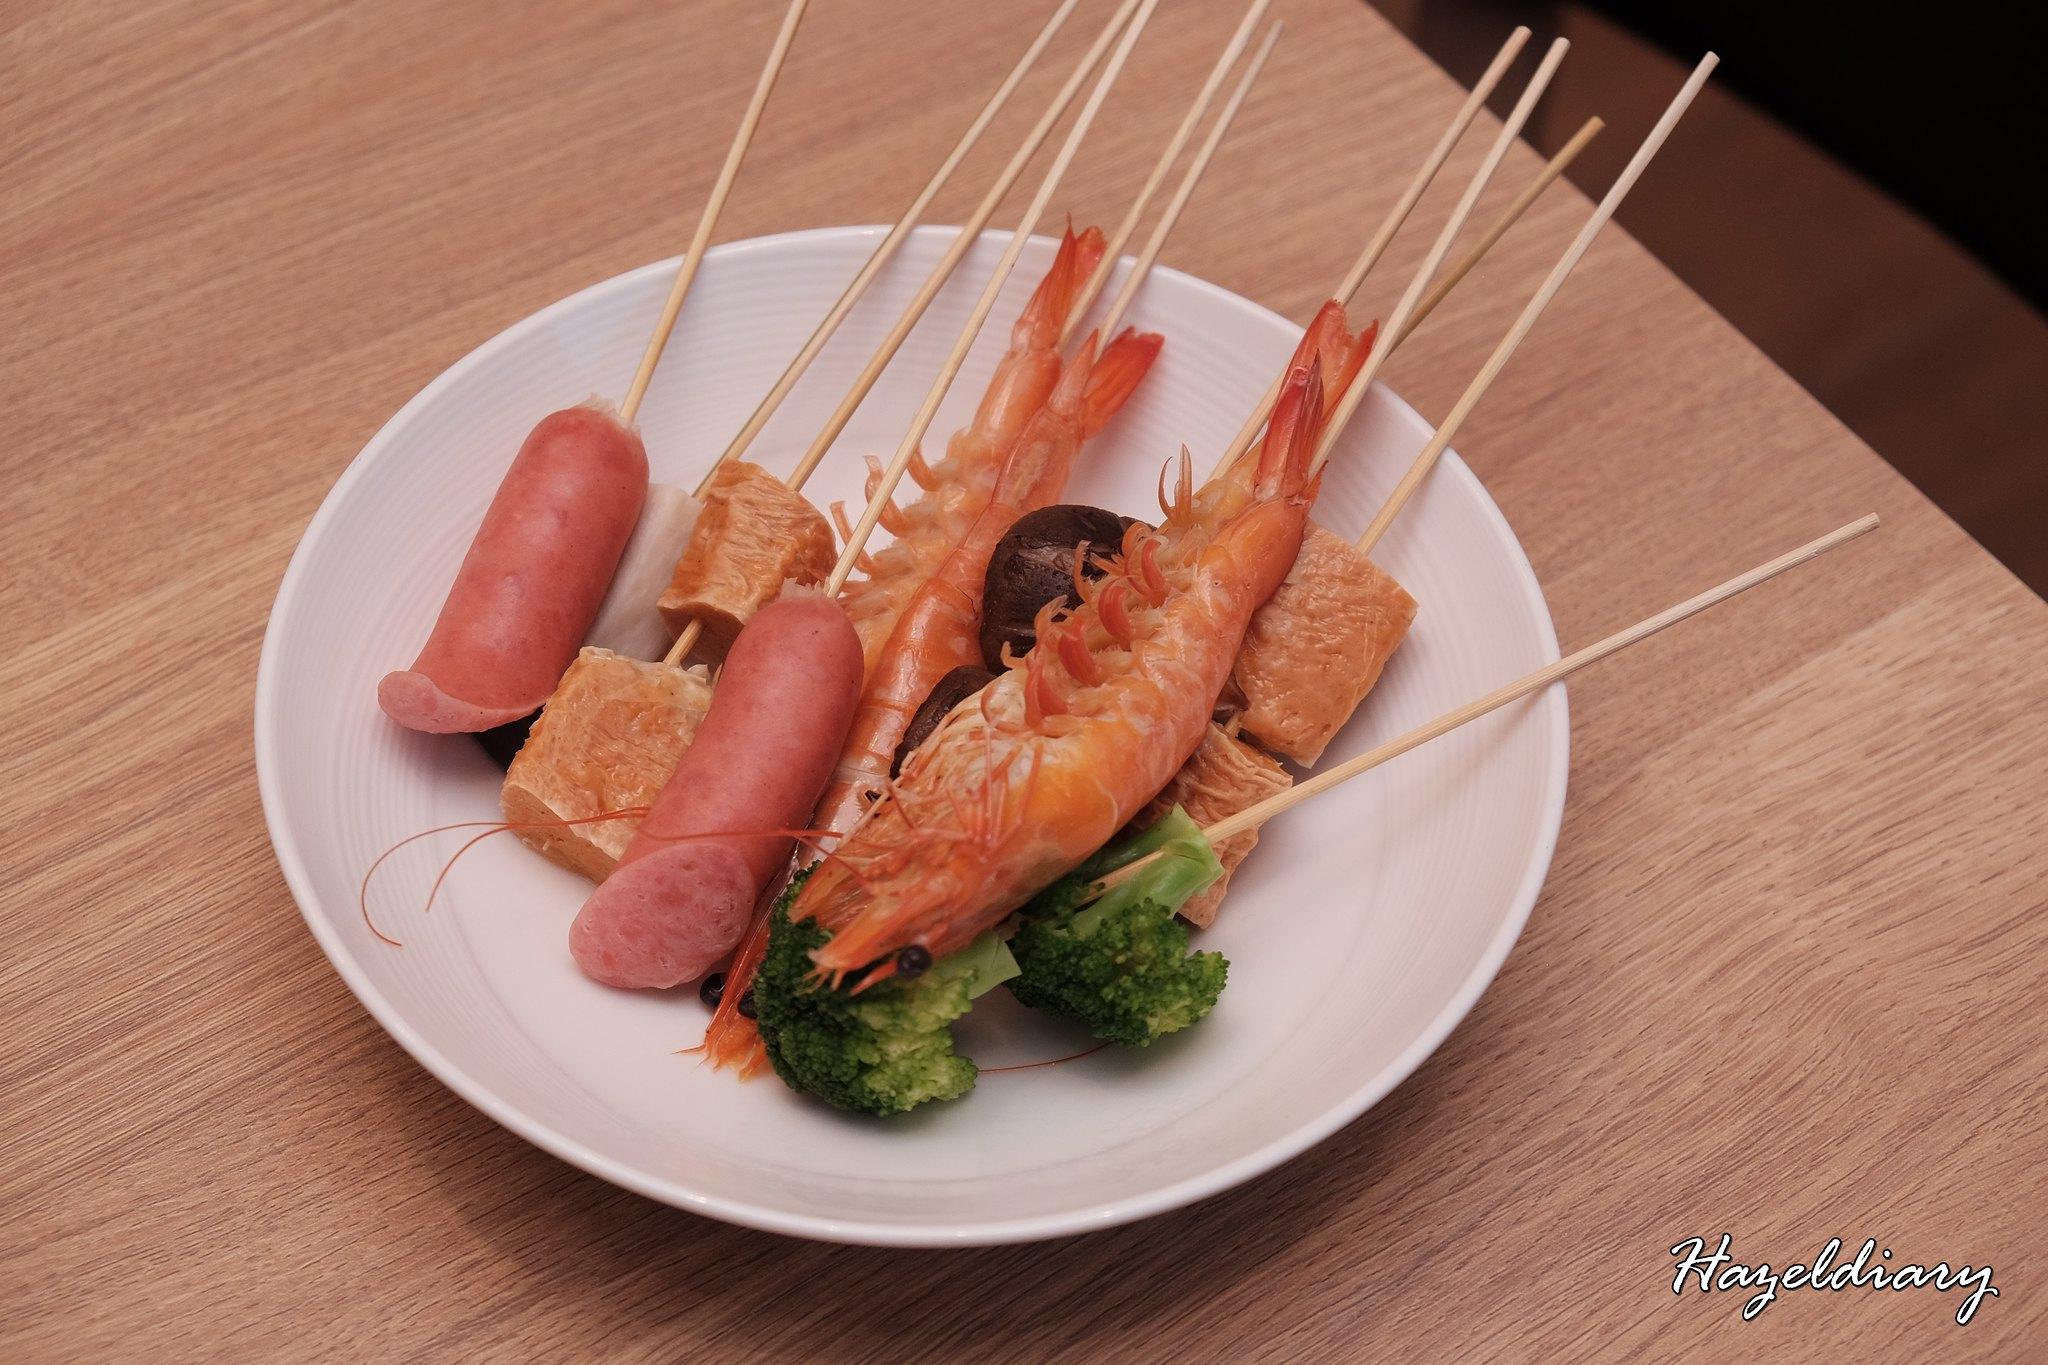 Penang Food Fare Buffet-Sky22 Courtyard Marriott-Lok Lok